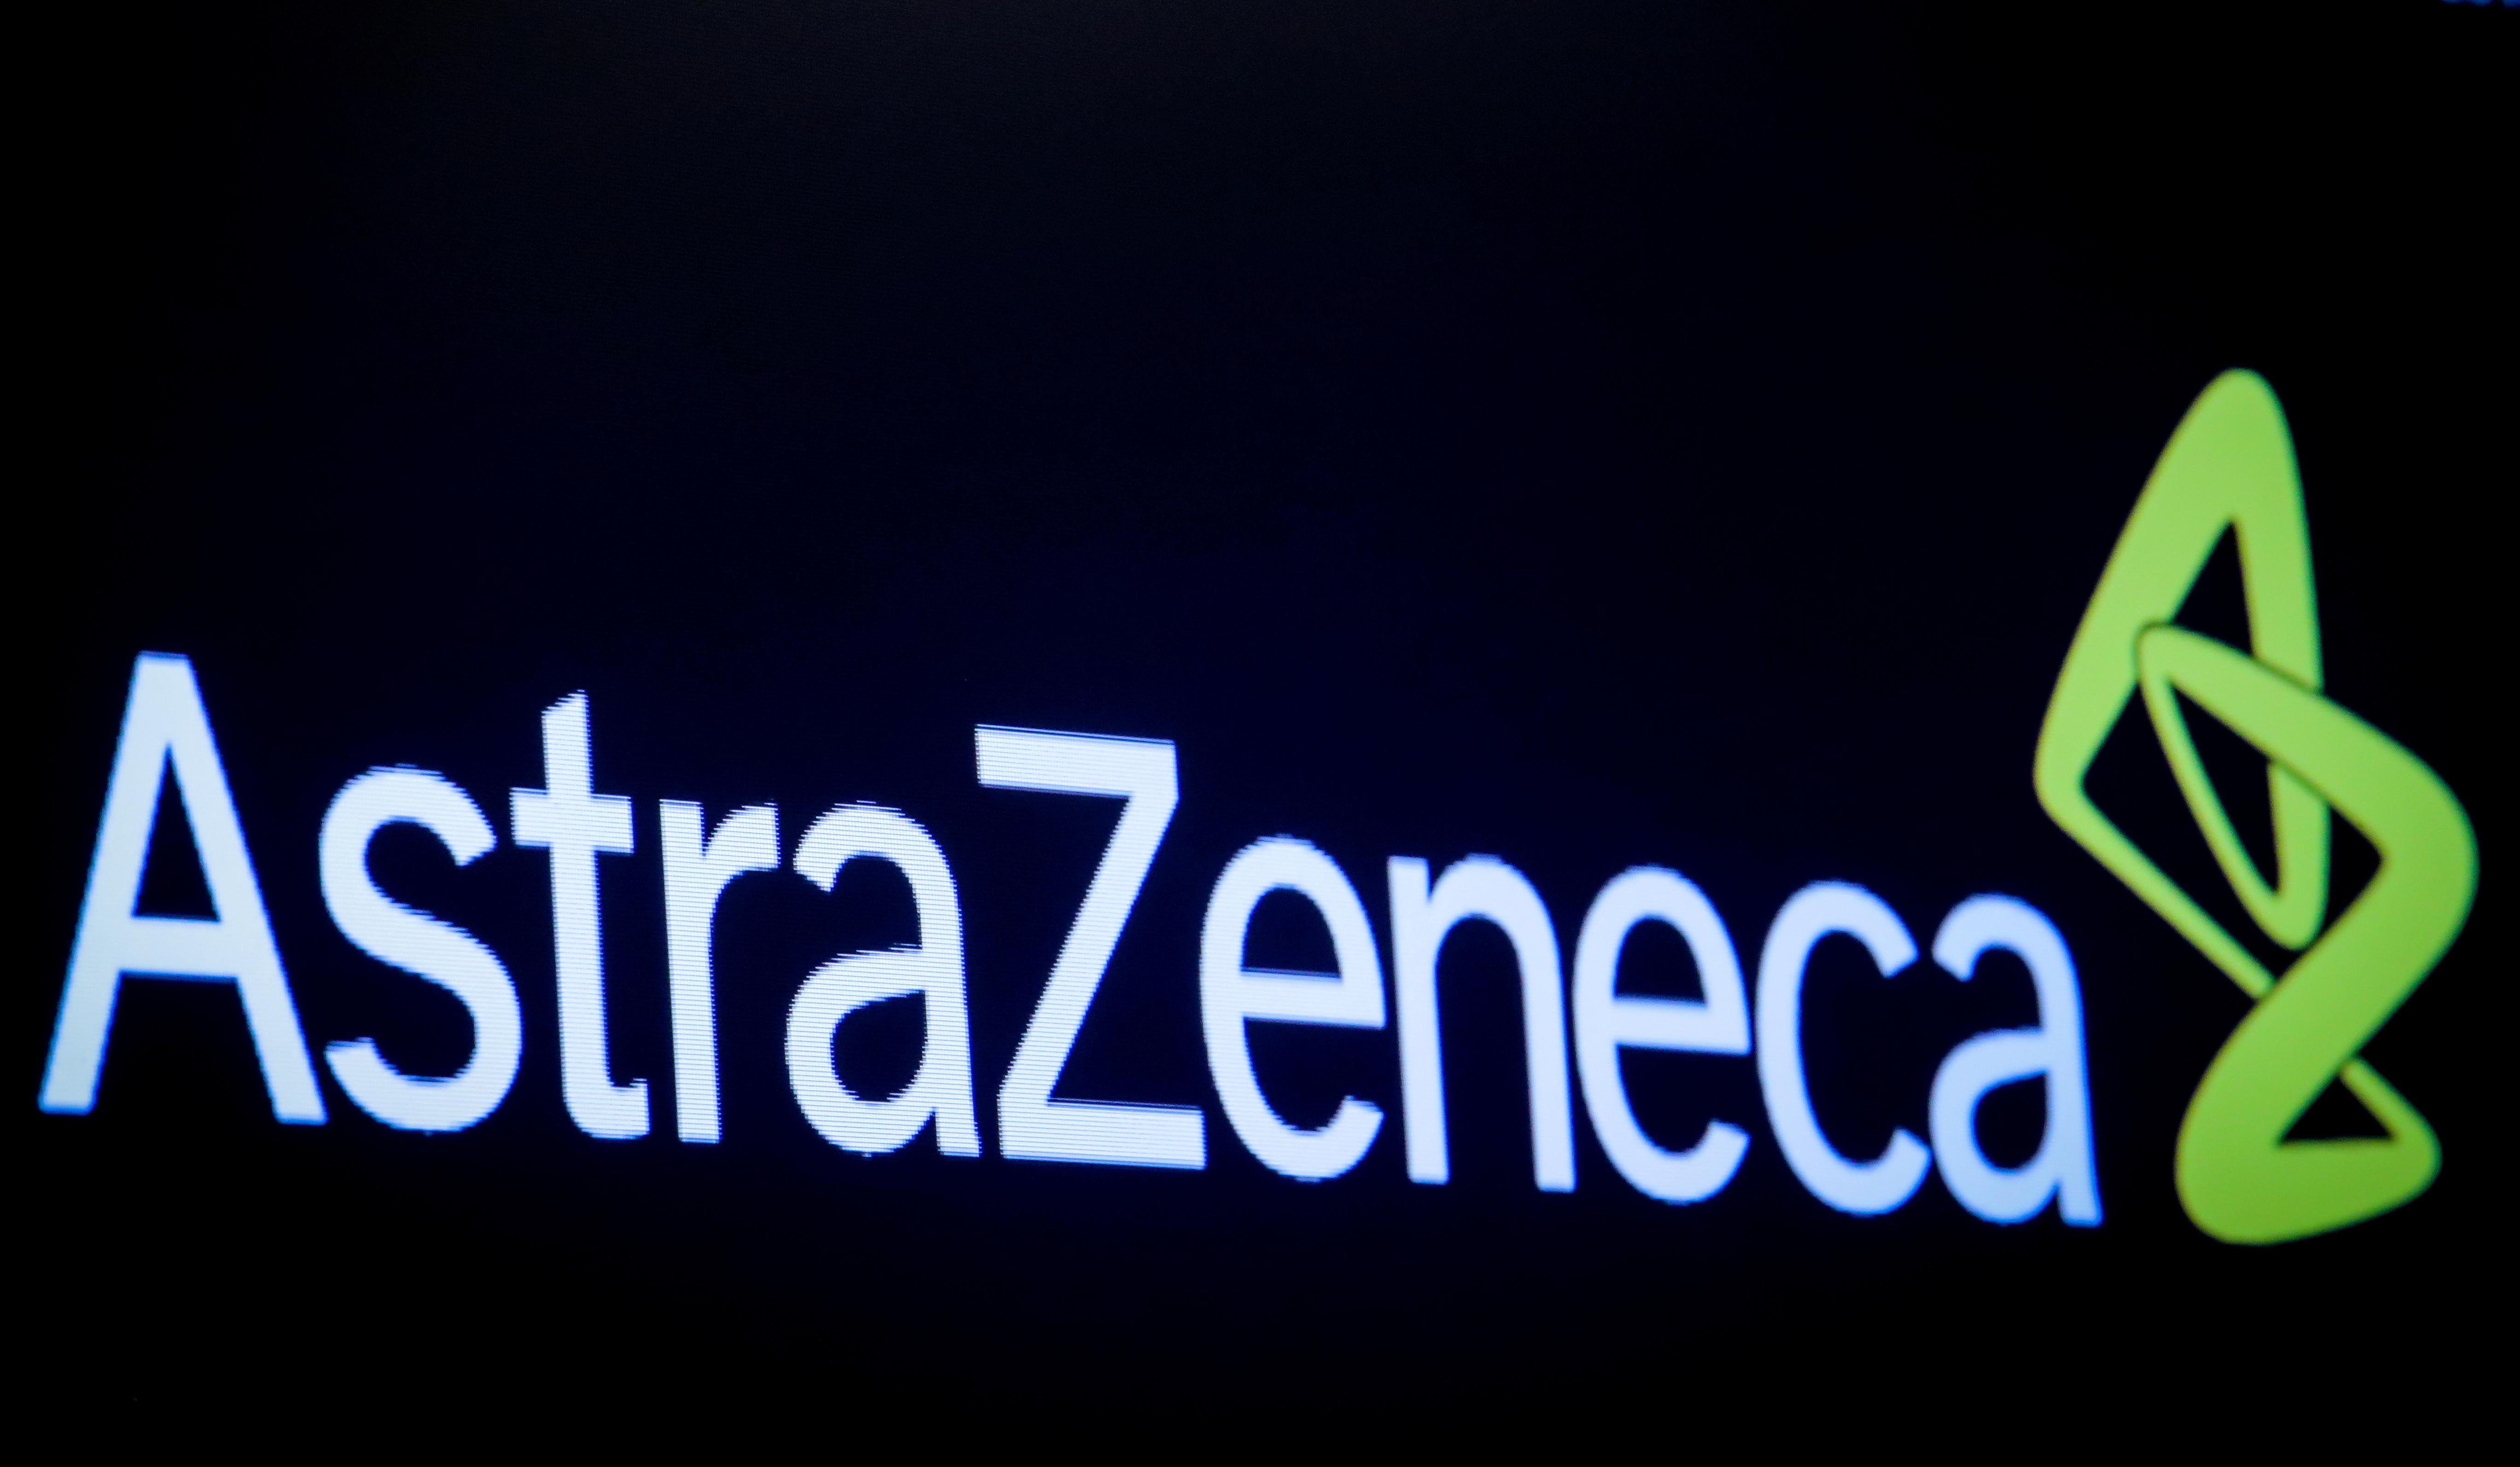 FDA approves AstraZeneca diabetes drug for treating heart failure risk